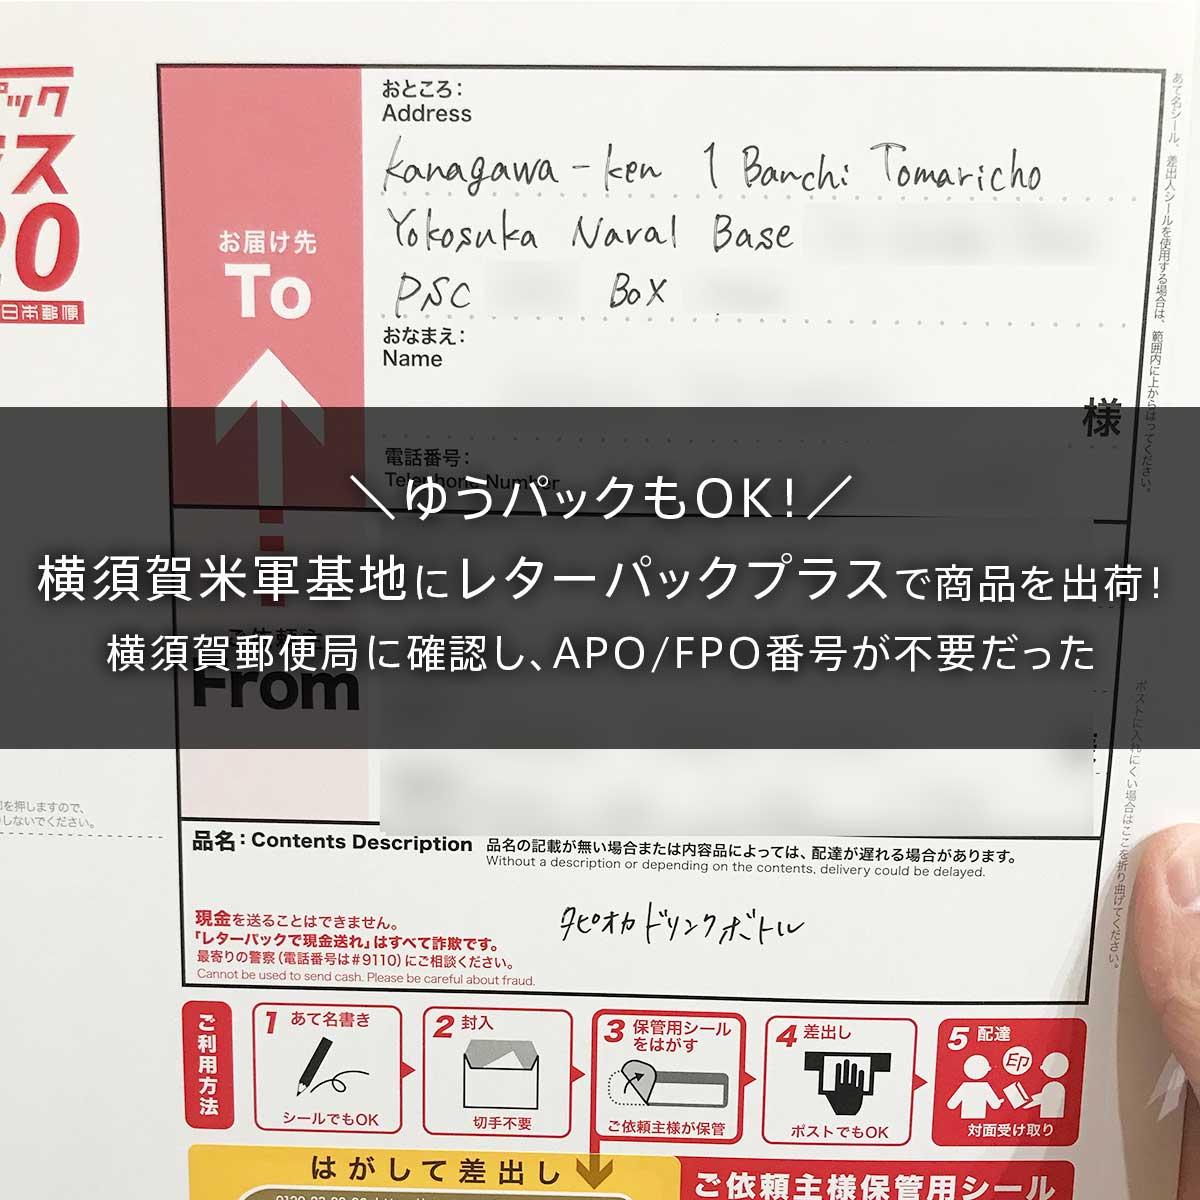 横須賀米軍基地にレターパックプラスで出荷!郵便局に確認、APO/FPO番号不要で商品を発送可能!宛名や住所の書き方など出荷方法をまとめた! apo_fpo_ you_pack_letterpack_img_5239_main